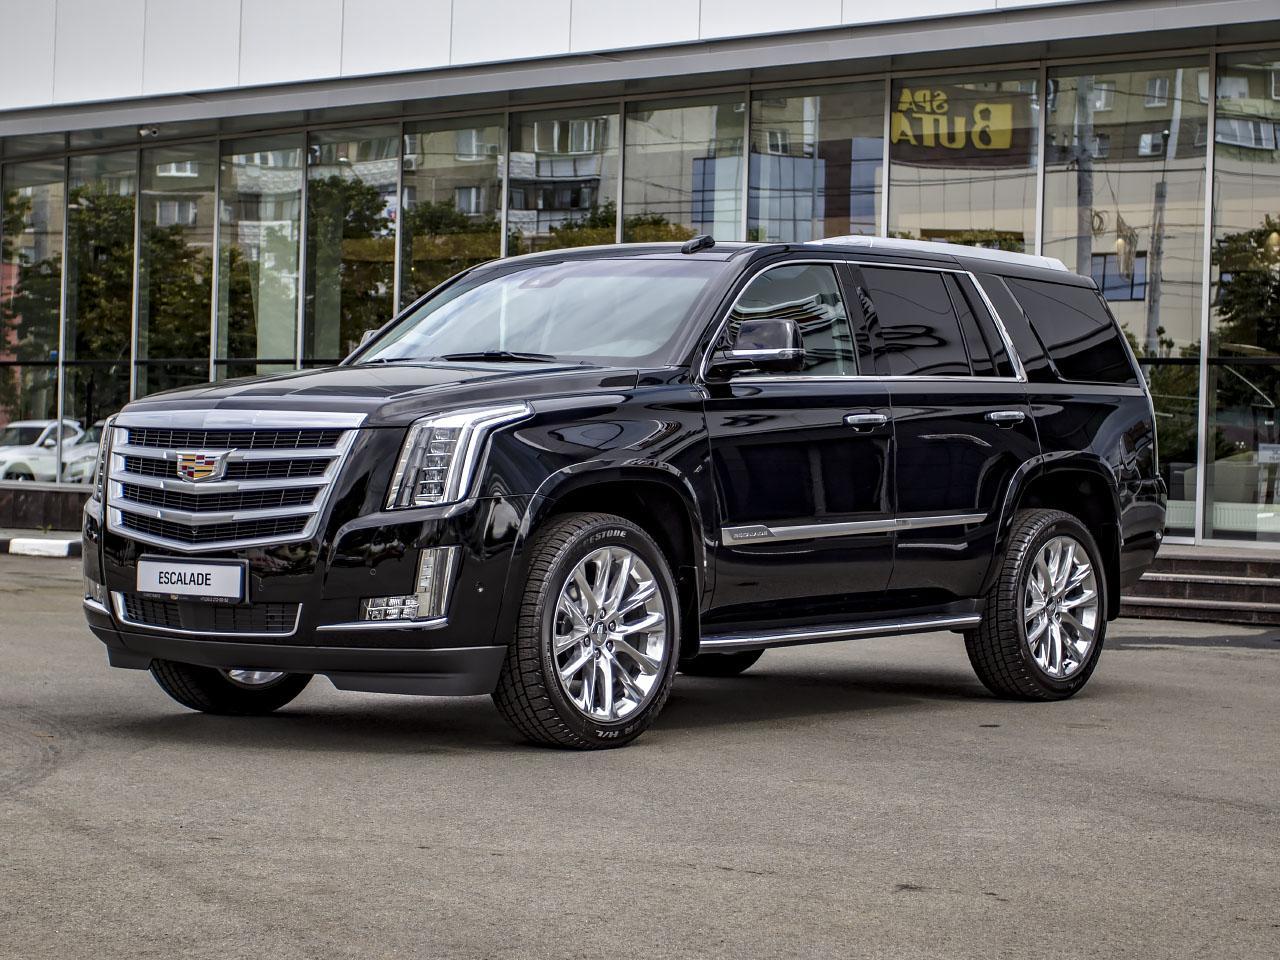 Cadillac Escalade 6.2 V8 АТ 4WD (426 л.с.) Luxury